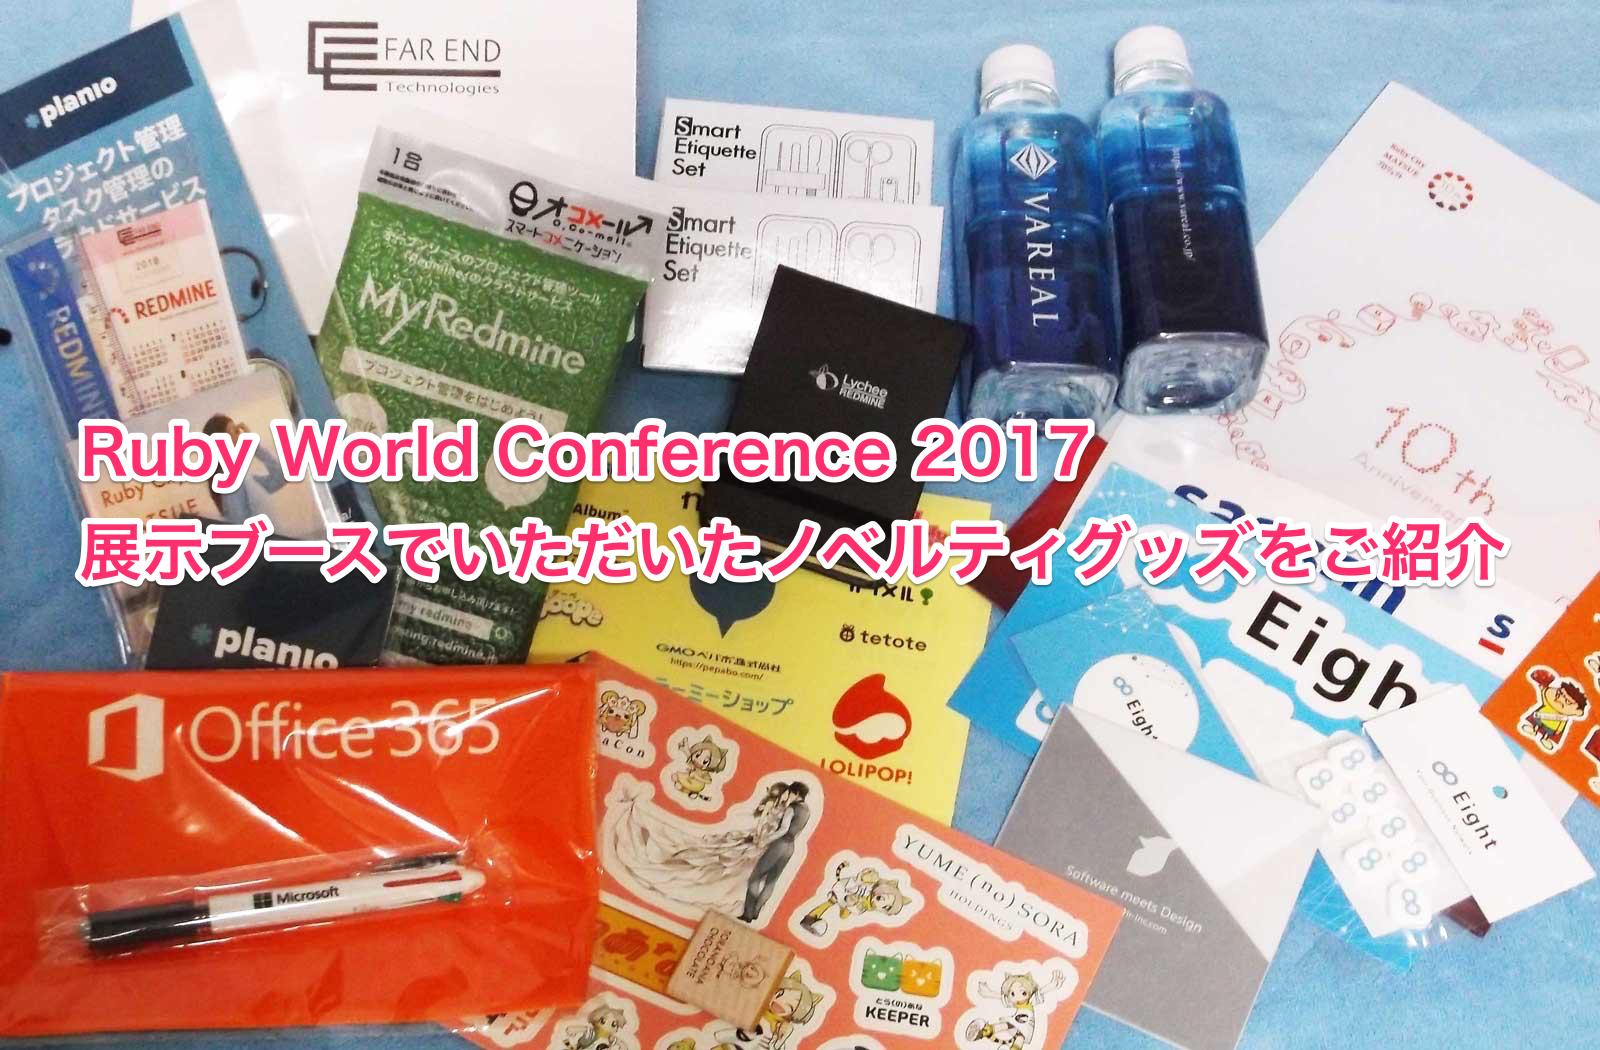 [参加レポート] Ruby World Conference 2017 ノベルティ